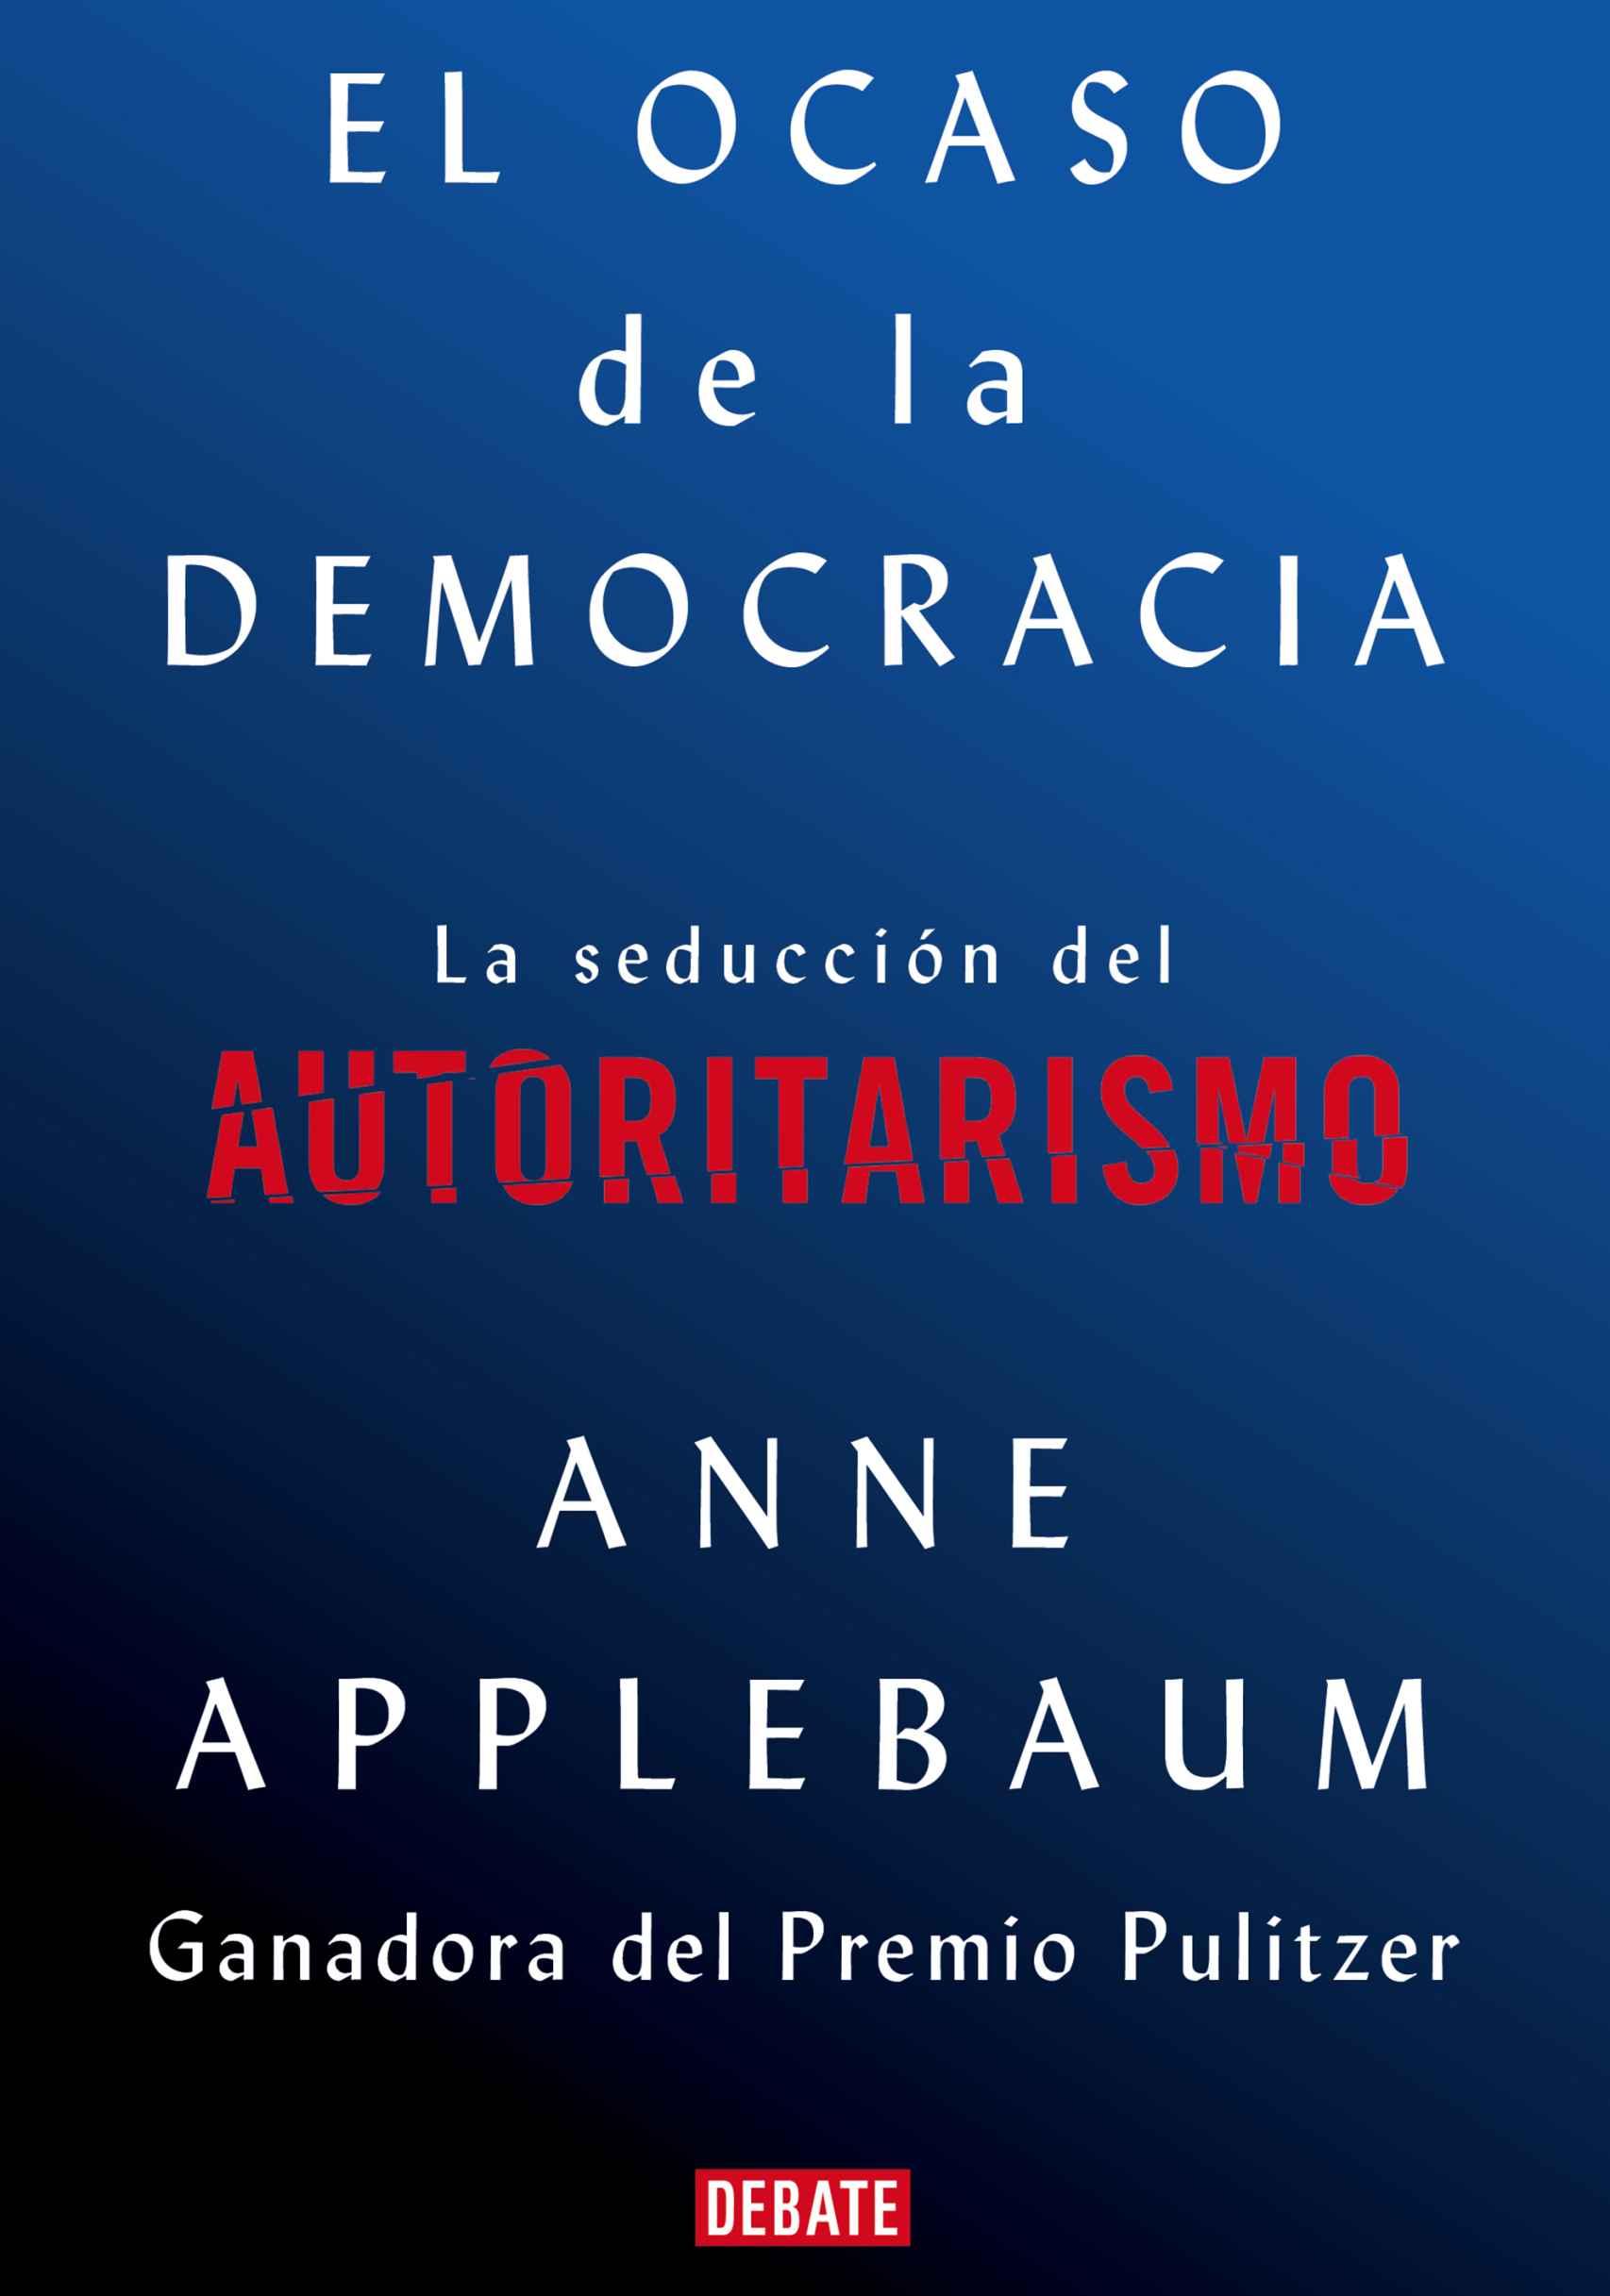 Portada de 'El ocaso de la democracia'.